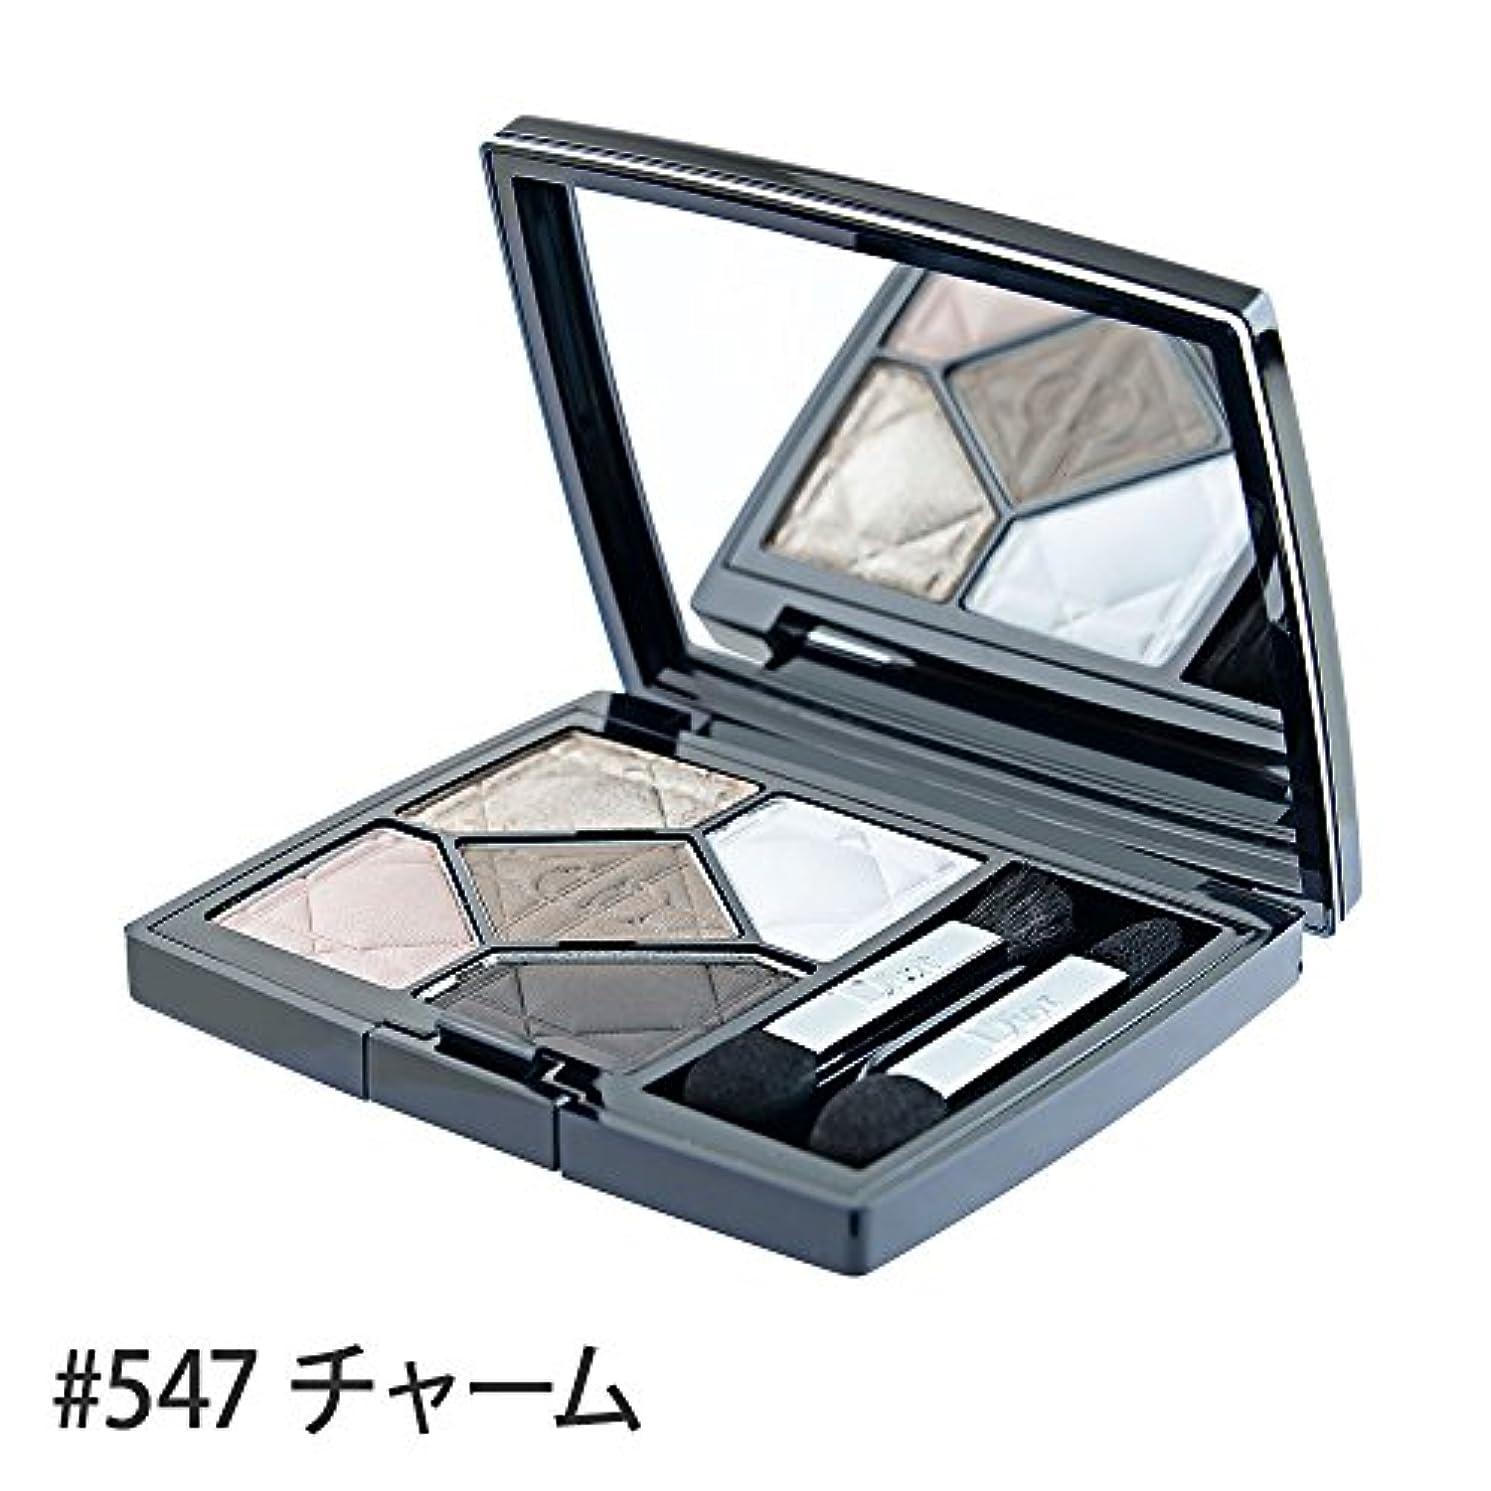 挨拶社説公爵ディオール(Dior) サンク クルール #547(チャーム) 6g [並行輸入品]